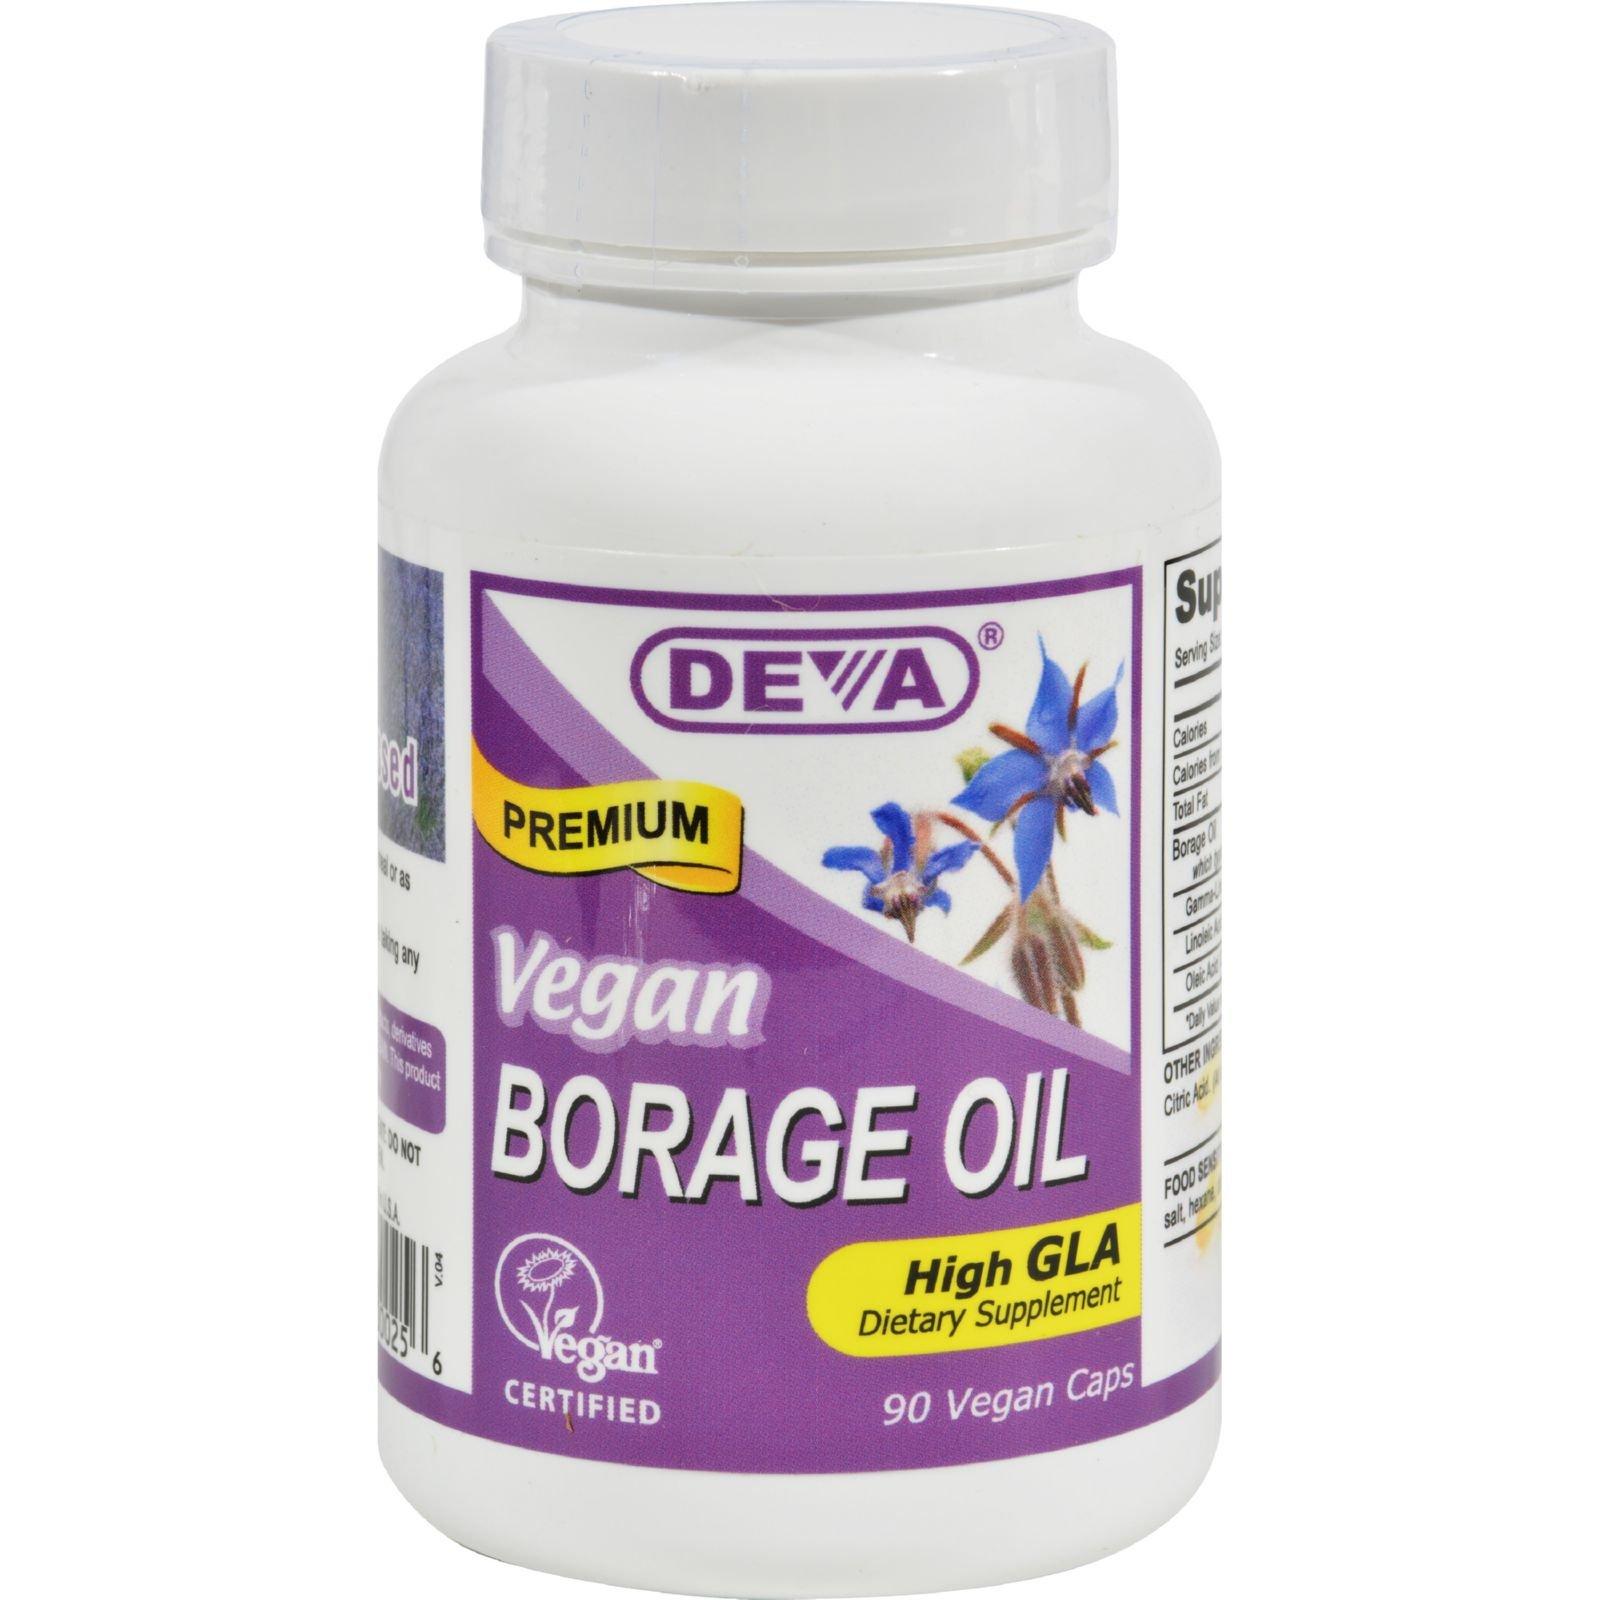 Deva Vegan Borage Oil - 500 mg - 90 Vcaps